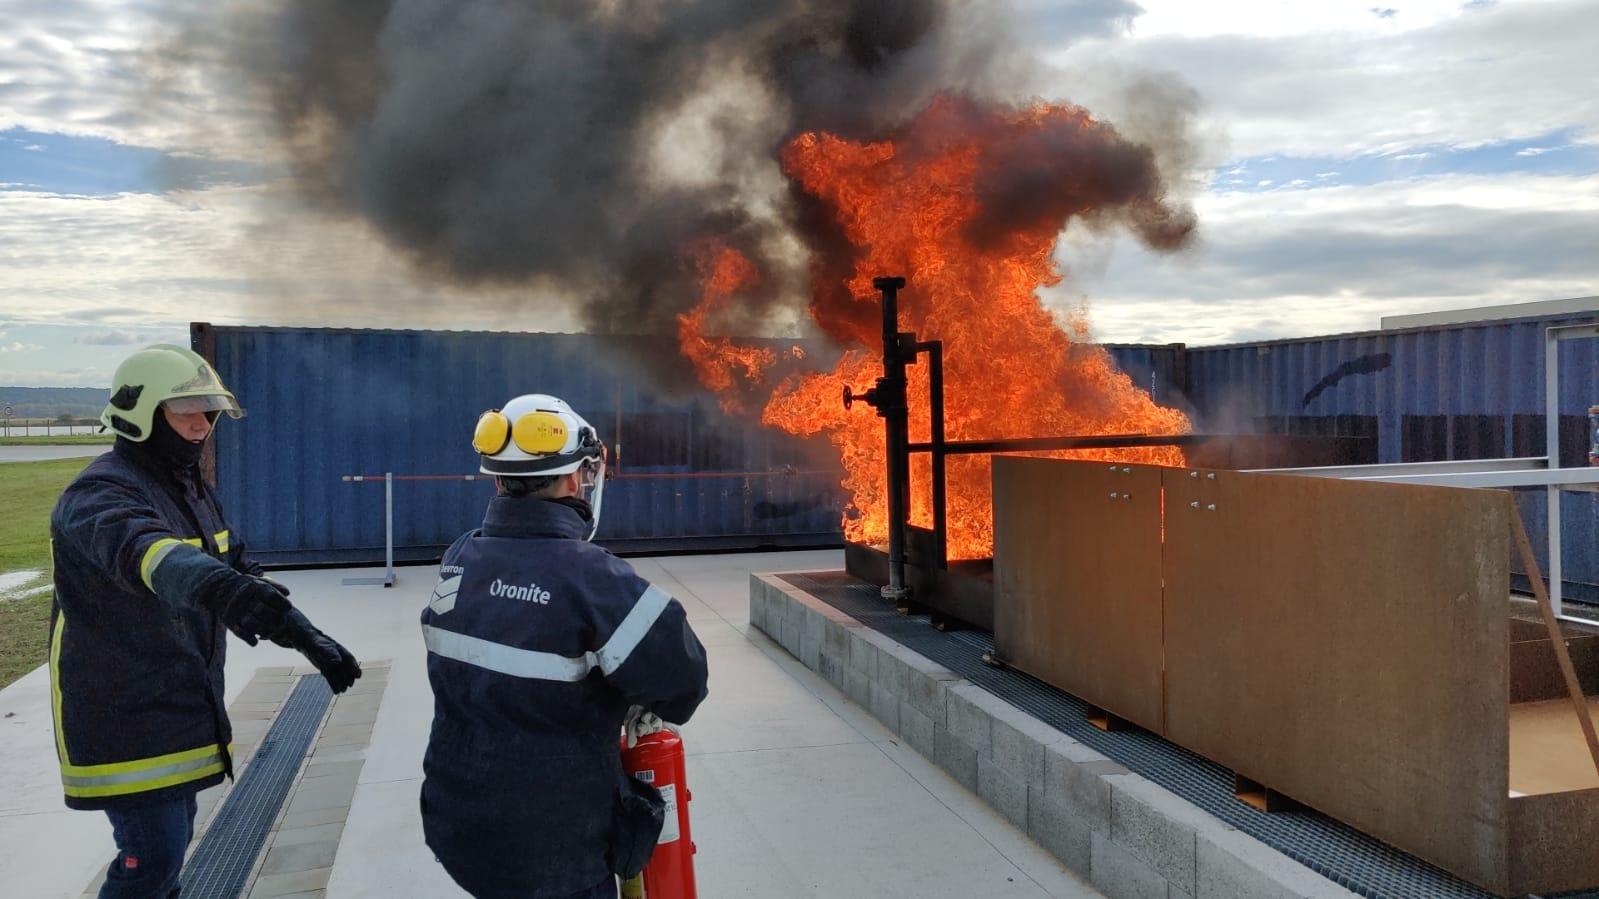 bac à feux d'hydrocarbures